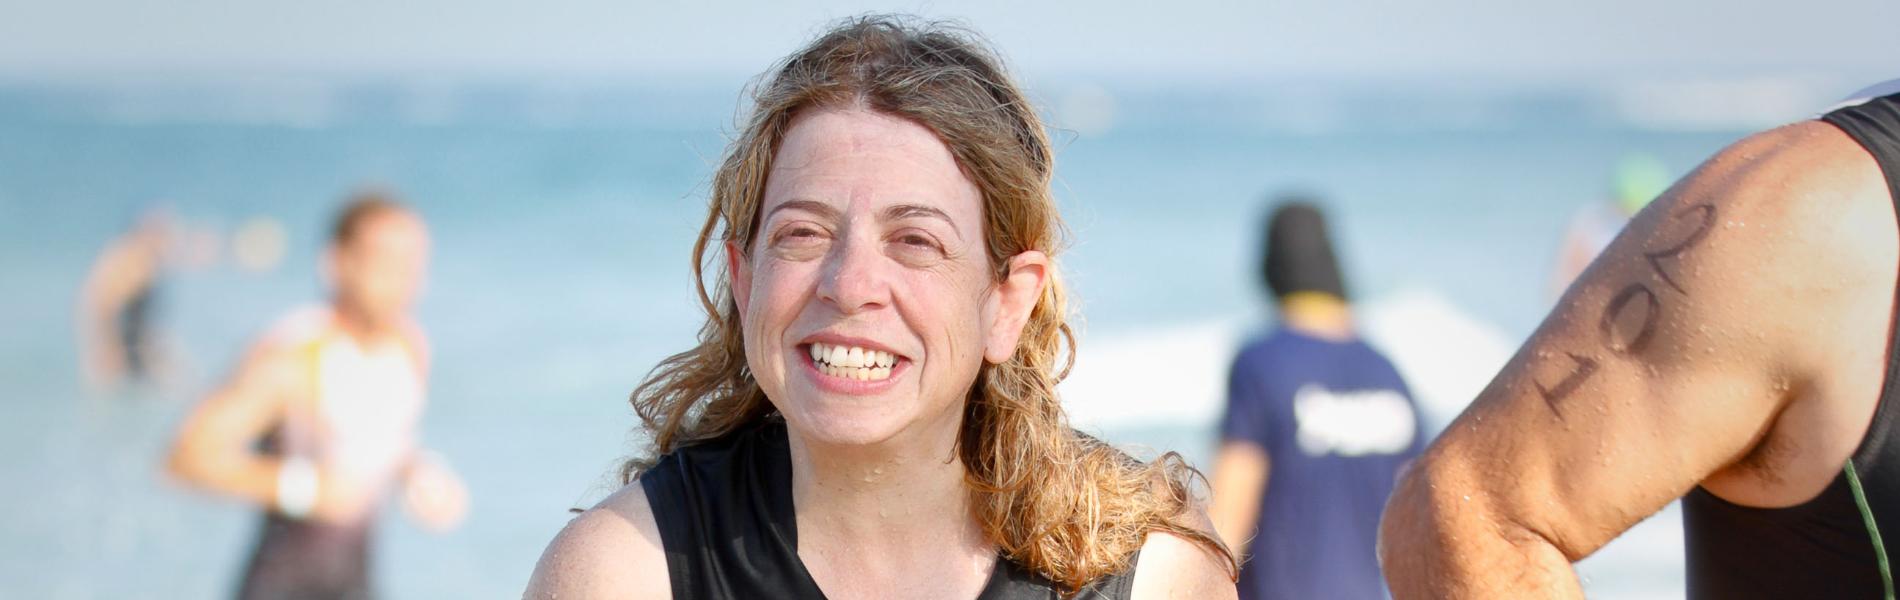 """קטועת הרגל ששחתה את 'חוצה ישראל' בים: """"יש לי יכולות ונפש חפצה לחיות את החיים ולא לתת להם לעבור לידי"""""""